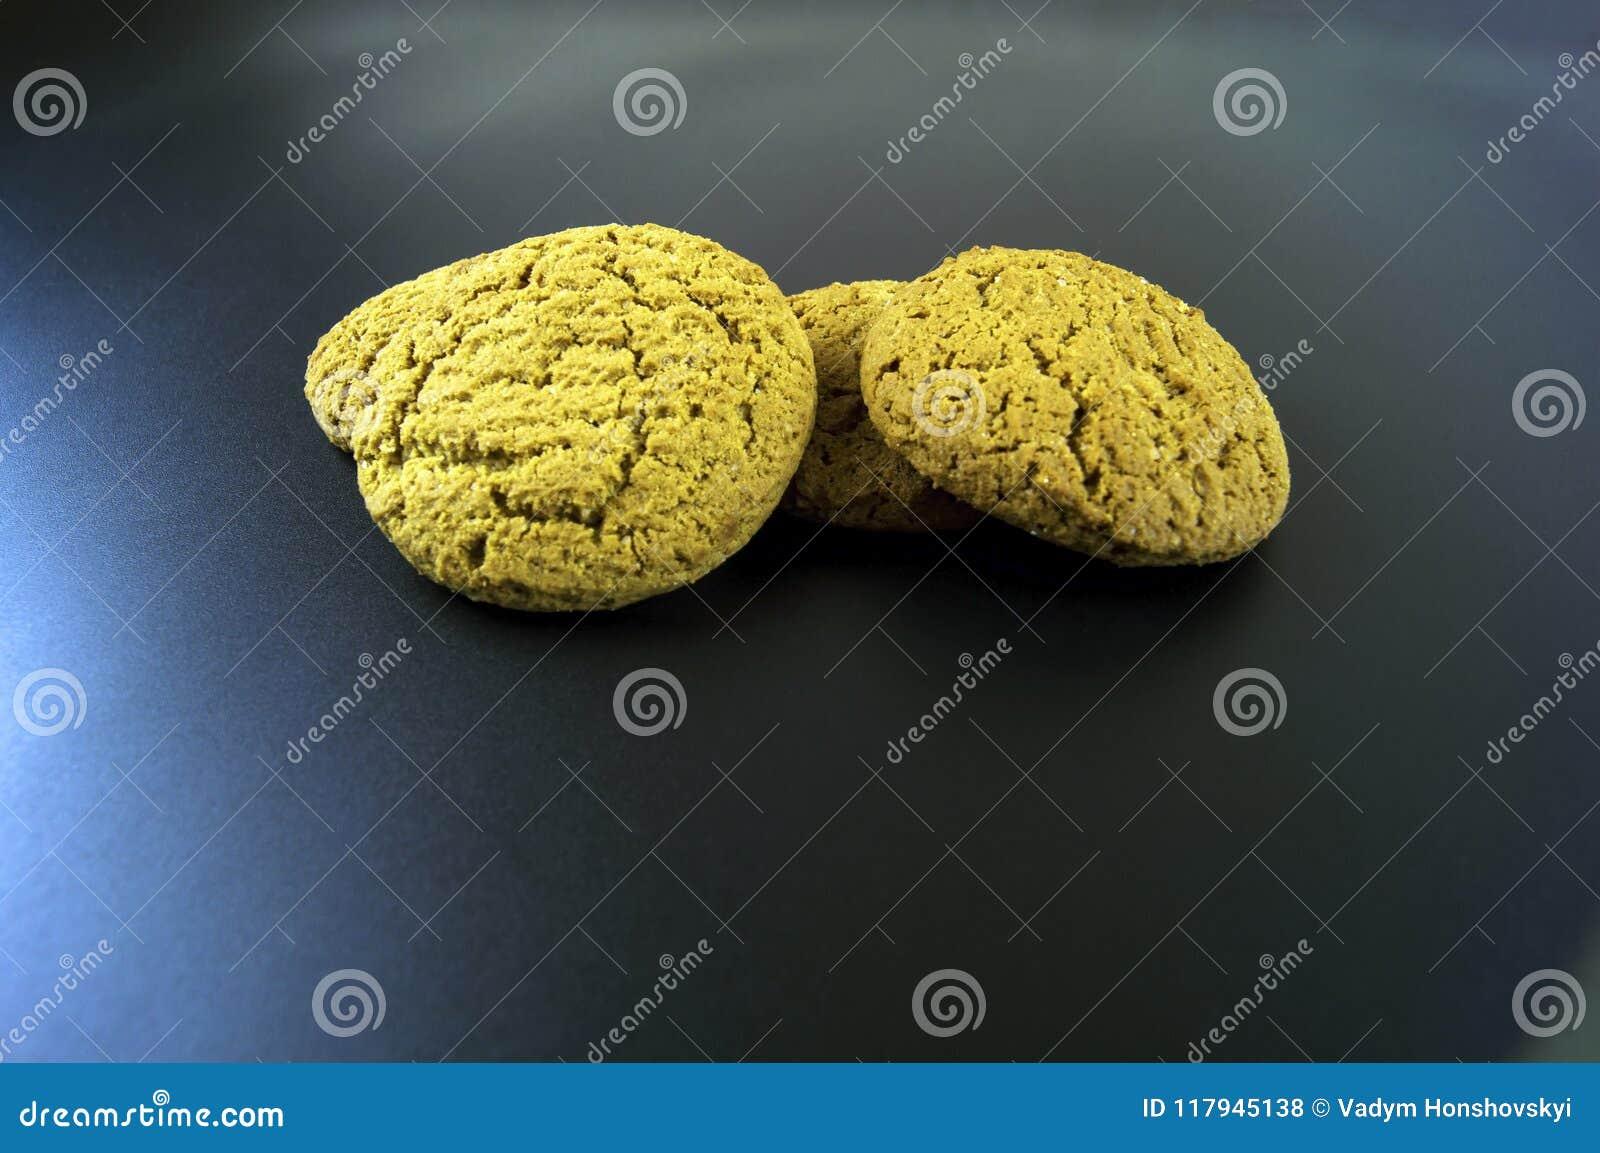 Algumas partes de cookies de farinha de aveia em um fundo escuro